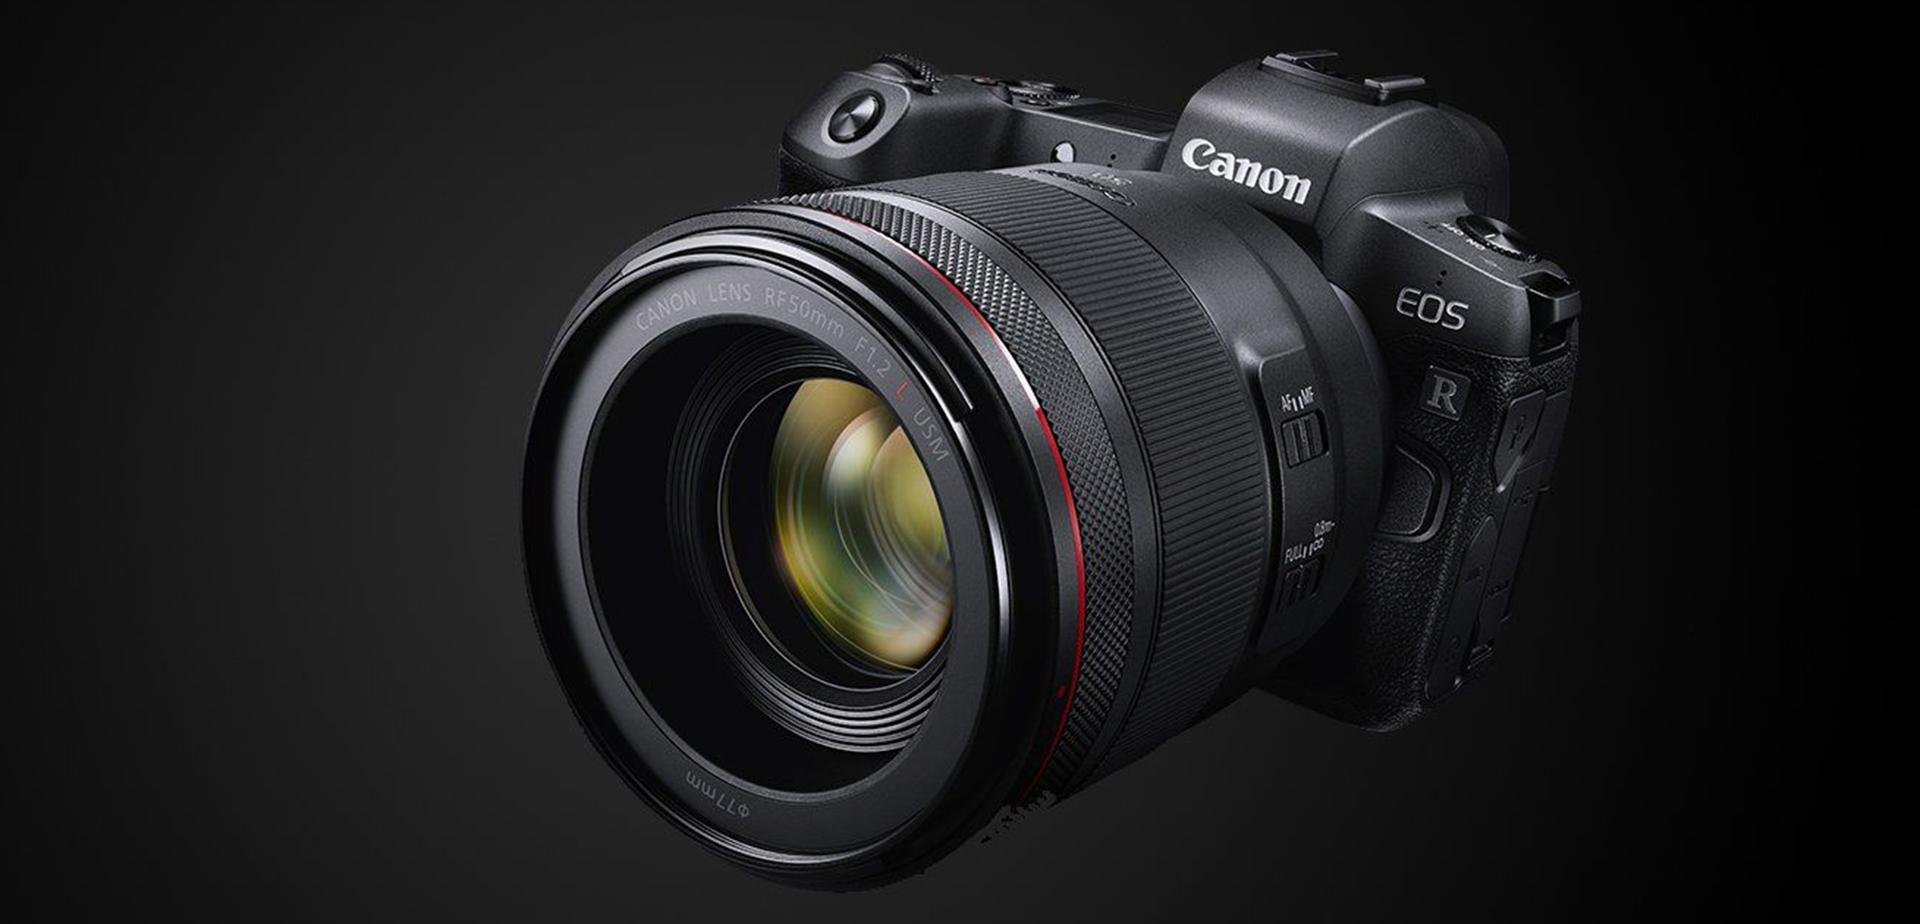 Canon EOS R Full-Frame Mirrorless Camera Announced – Plus 4 New RF ...